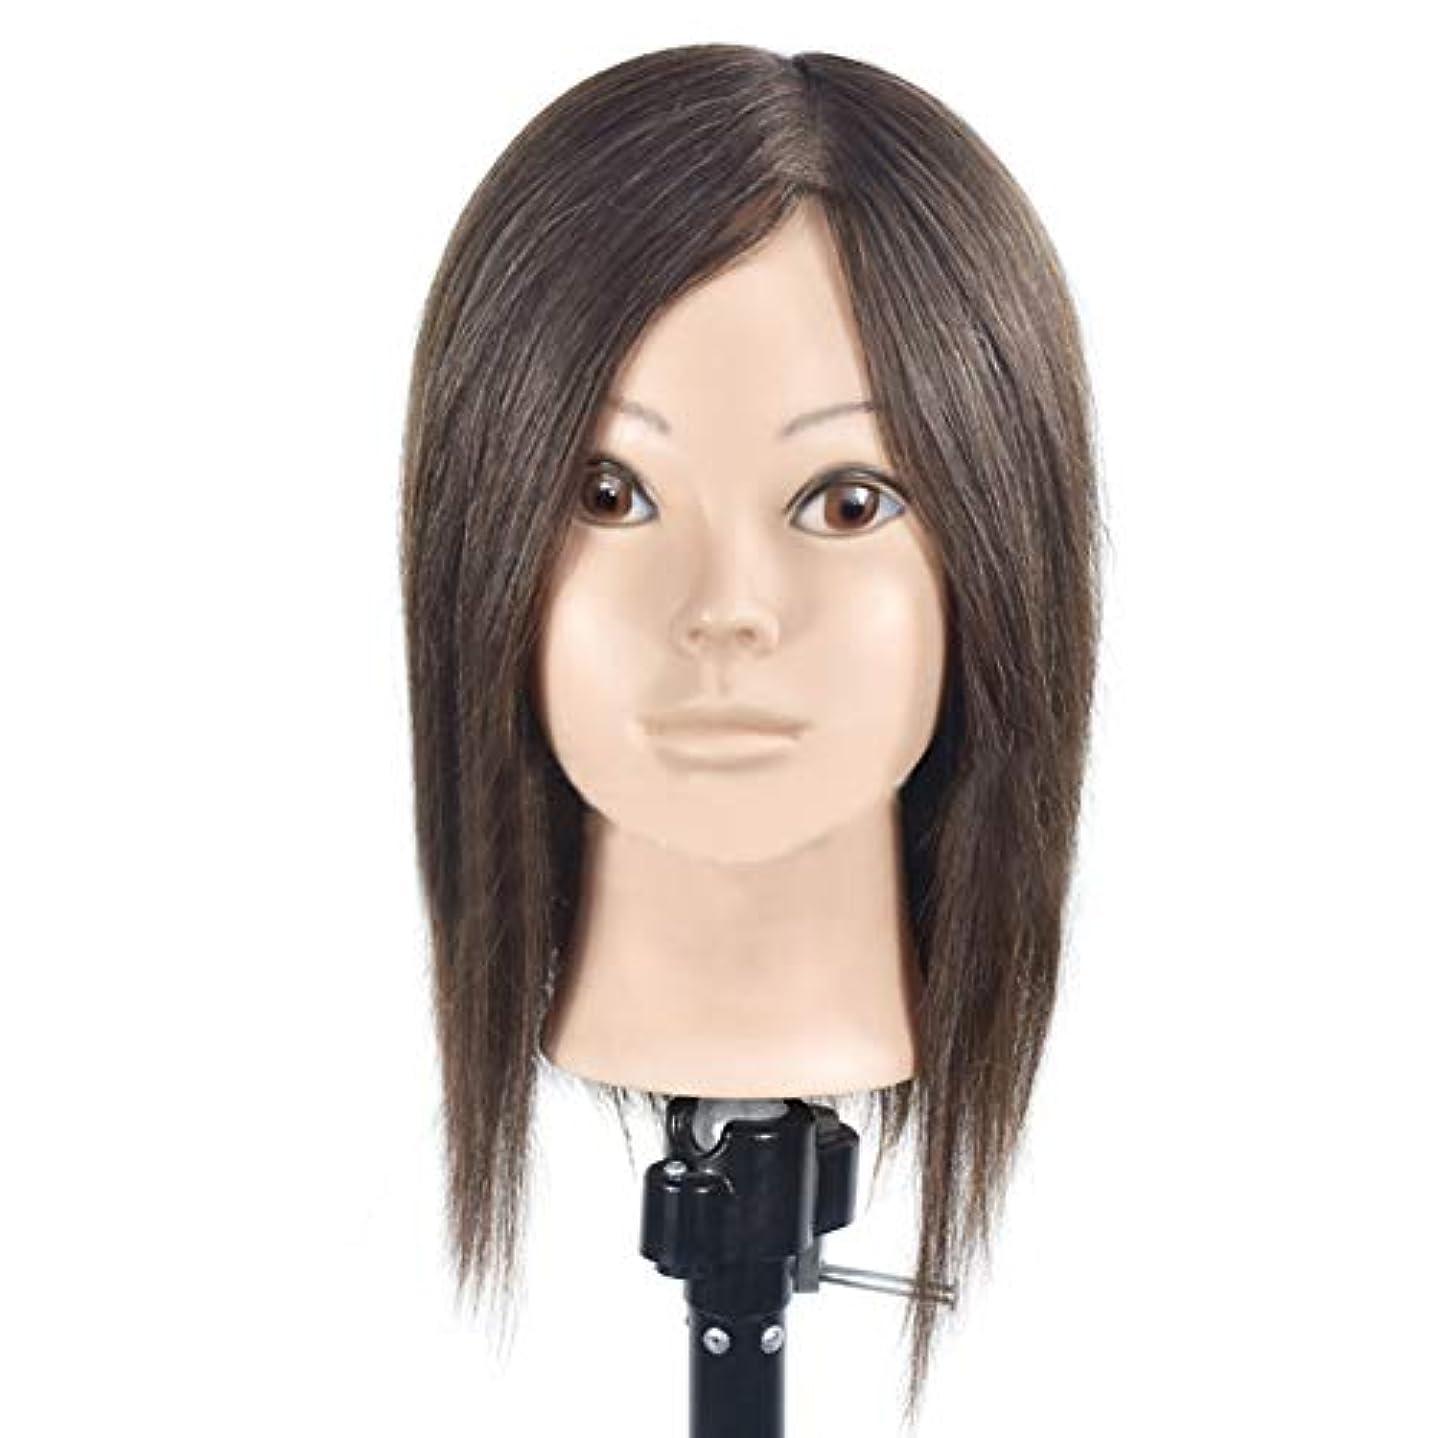 政治家啓示スリッパ本物の人間の髪のかつらの頭の金型の理髪の髪型のスタイリングマネキンの頭の理髪店の練習の練習ダミーヘッド